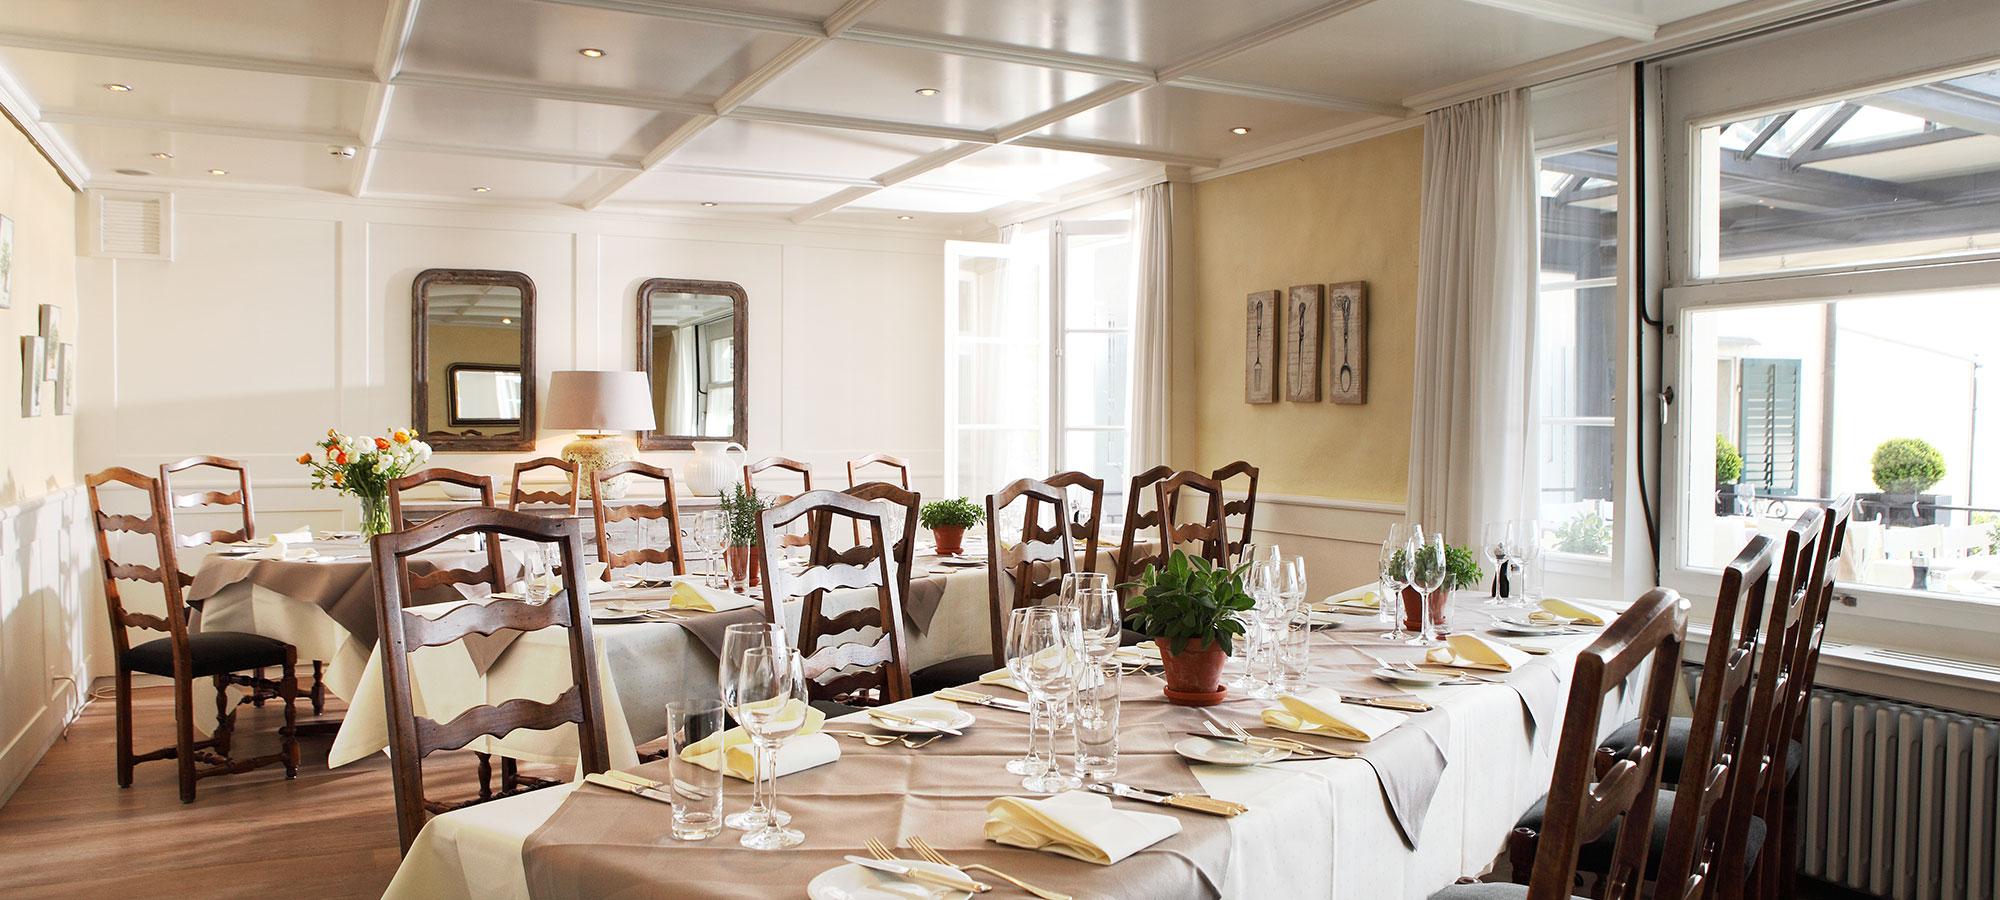 Hirschen Restaurant Meilen Zurich Bankett Bankette seminarräume sitzungszimmer banketträume bsprechungsräume seminar